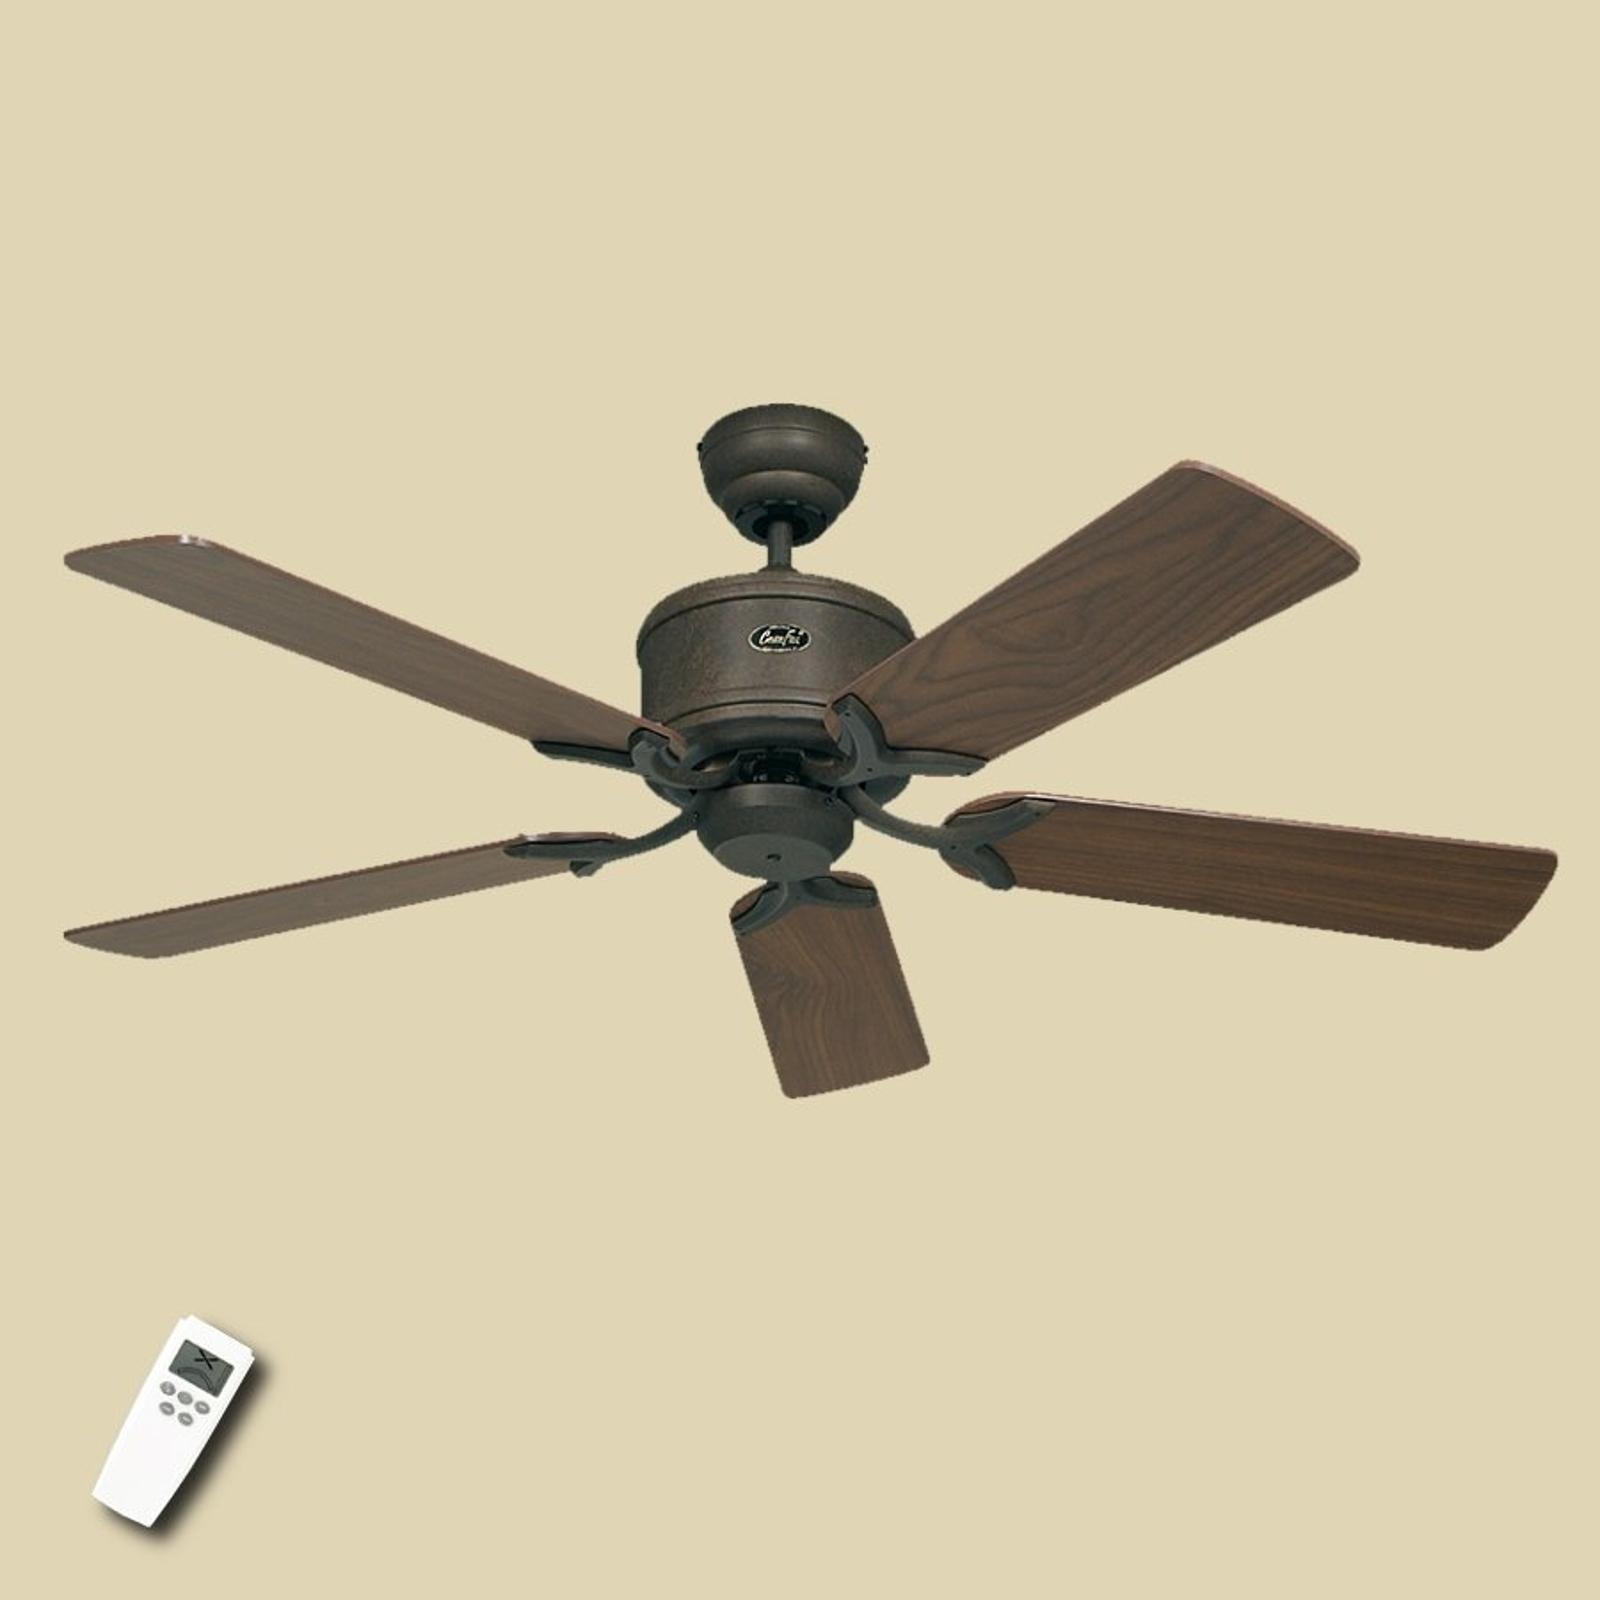 Ventilatore a pale Eco Elements noce-marrone